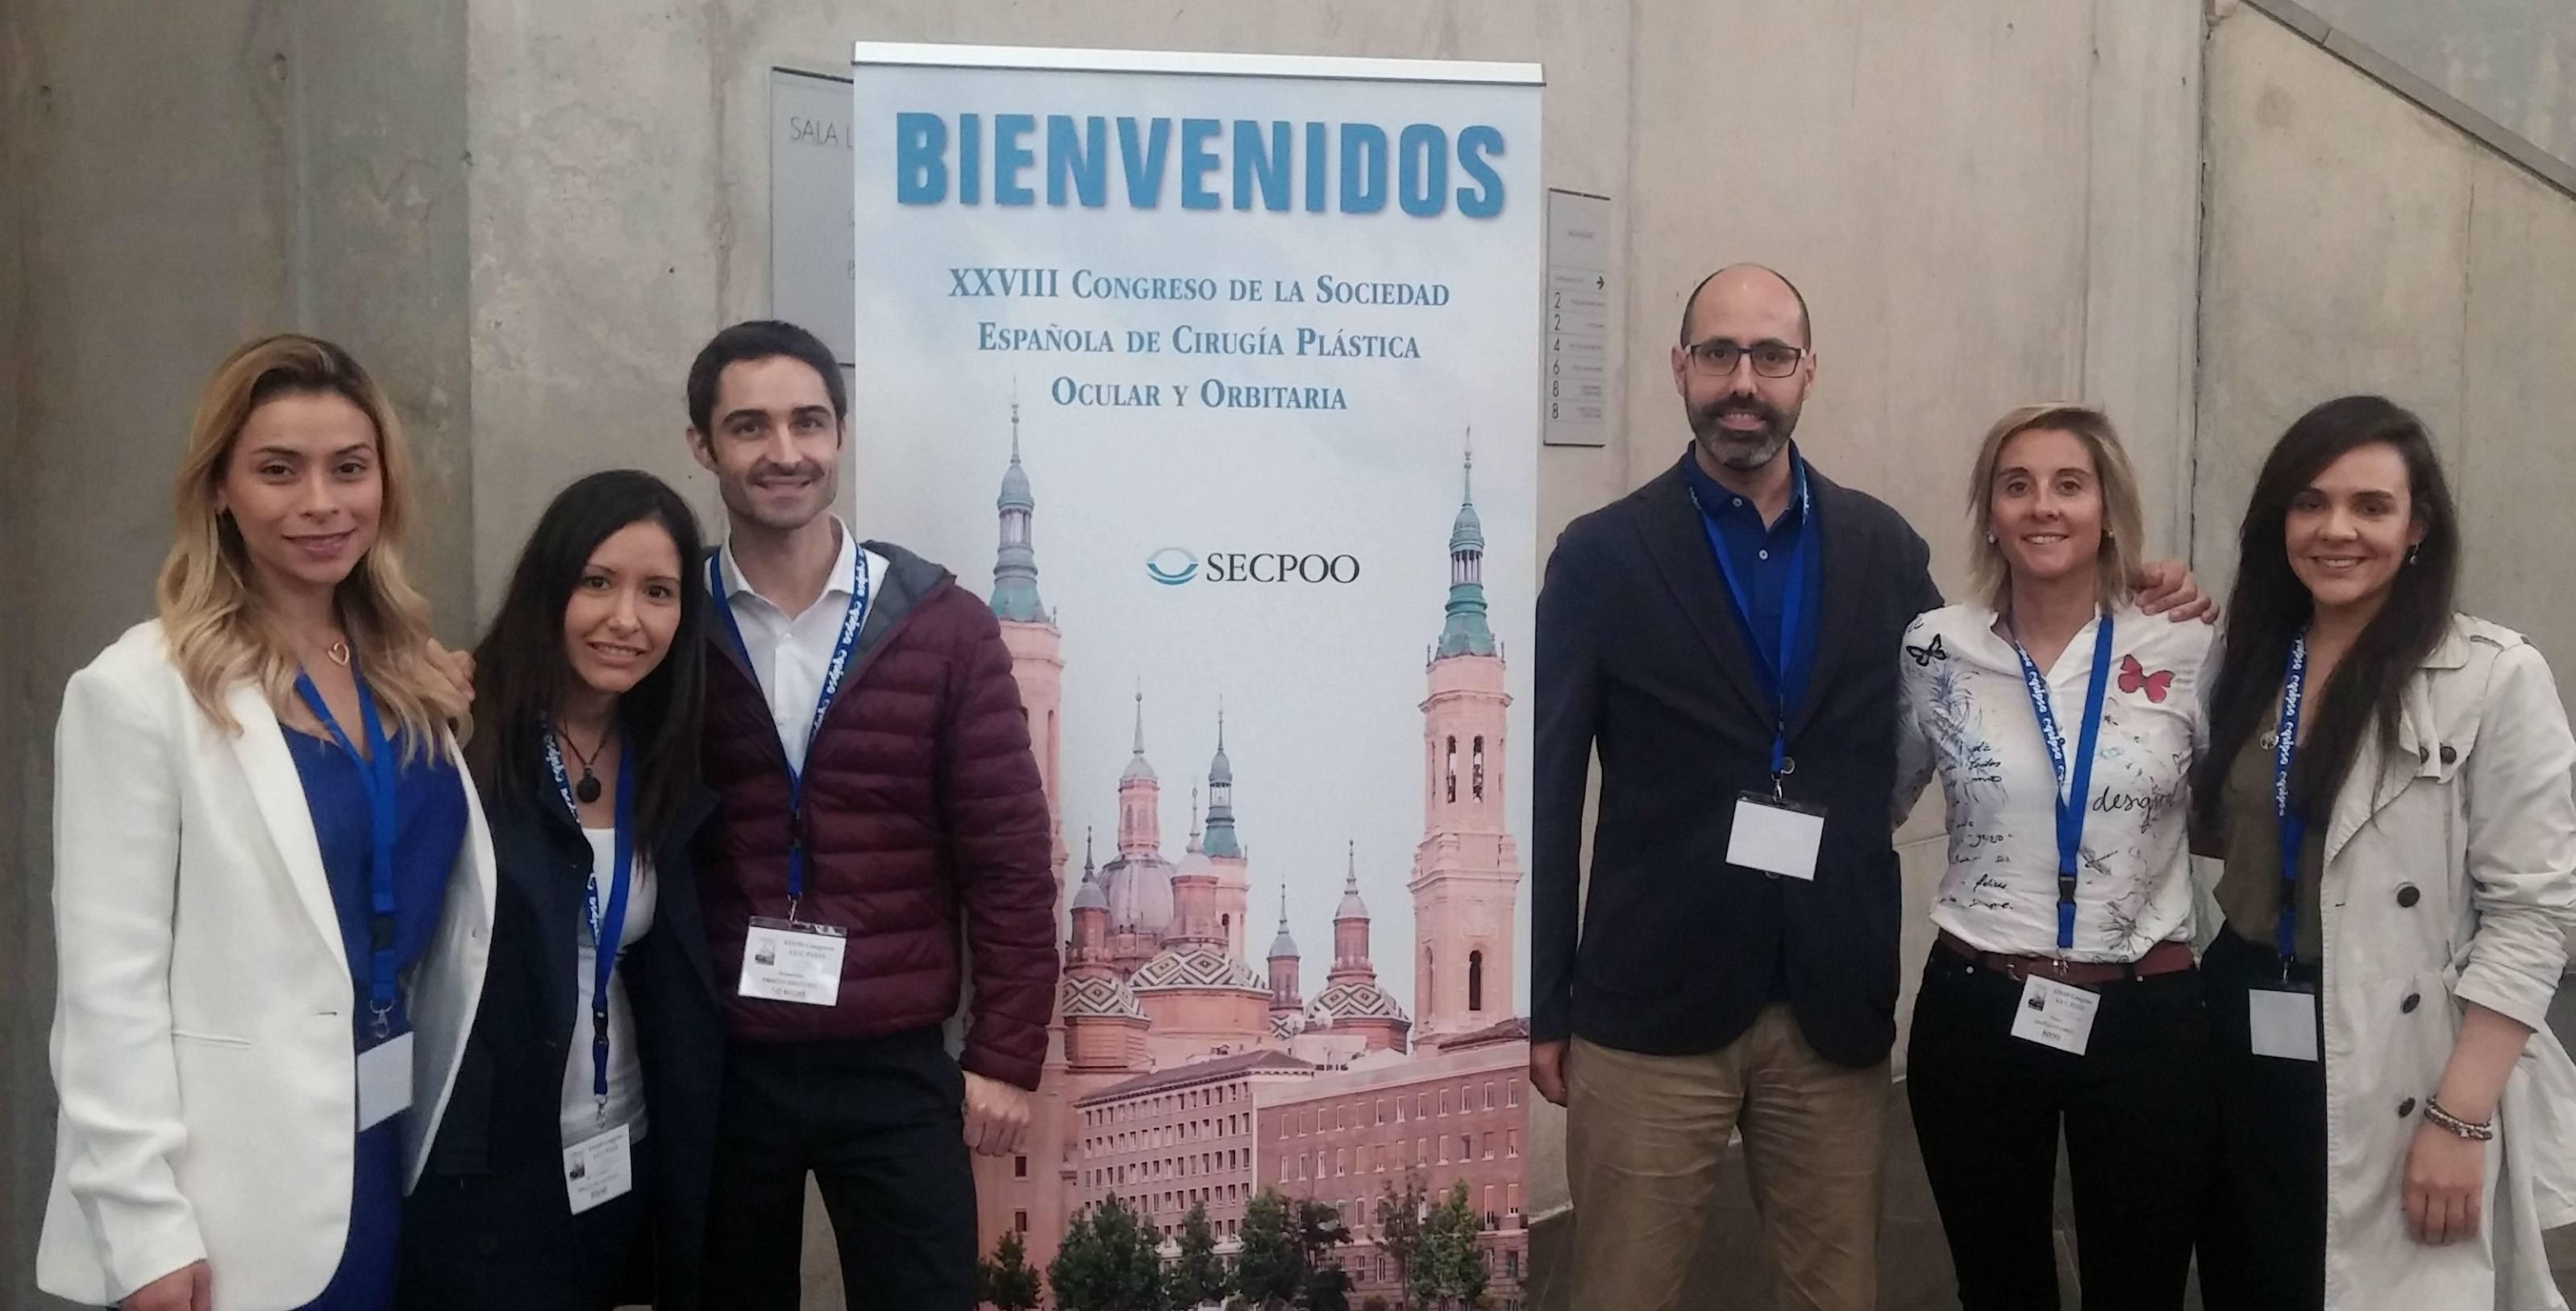 Oftalmòlegs de l'ICR al XXVIII Congrés de la Societat Espanyola de Cirurgia Plàstica Ocular i Orbitària